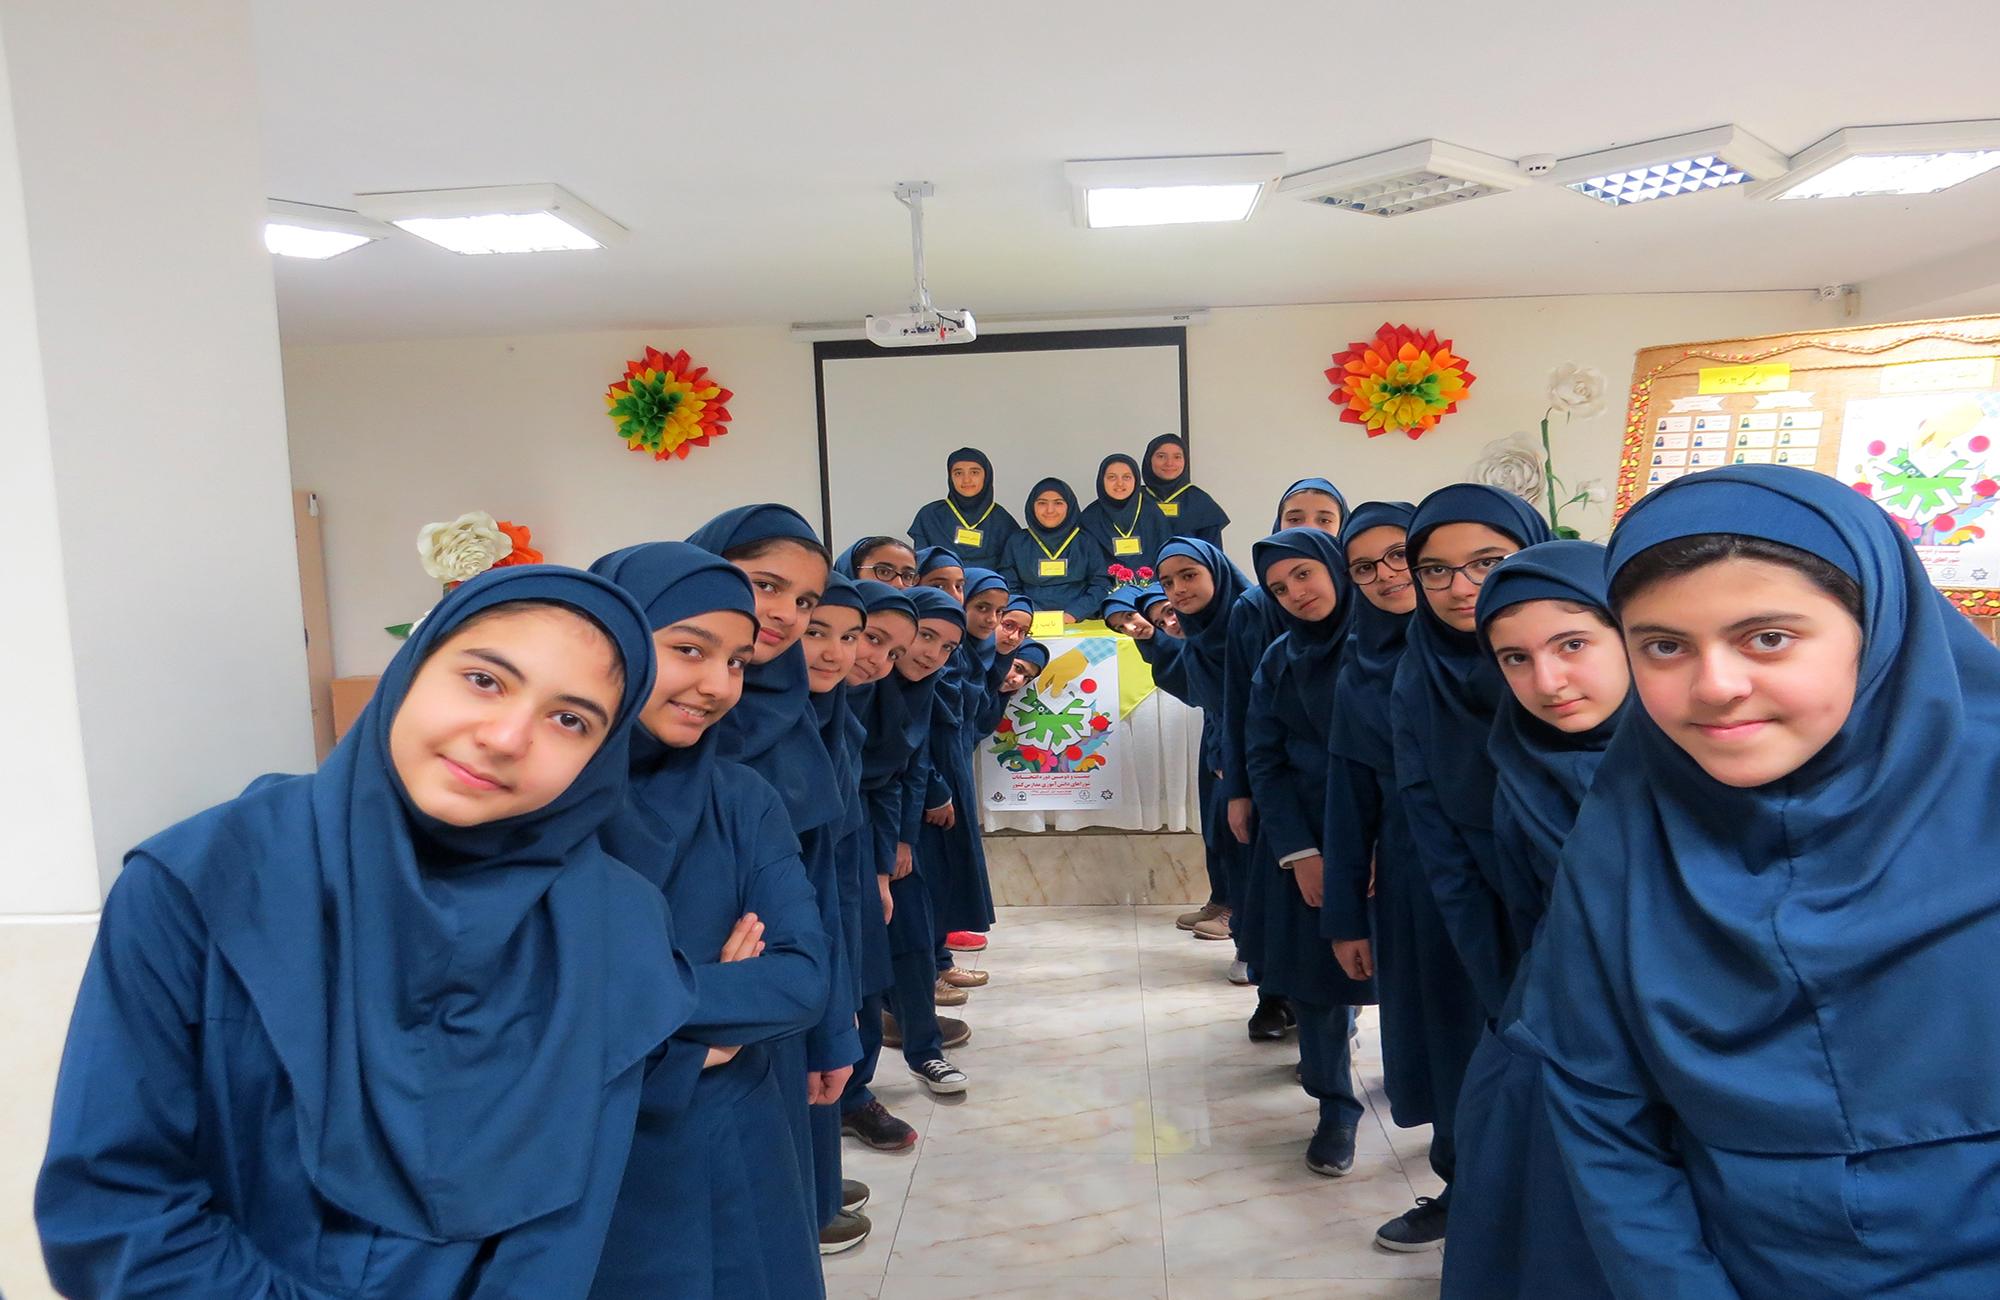 انتخابات شورای دانش آموزی (3)